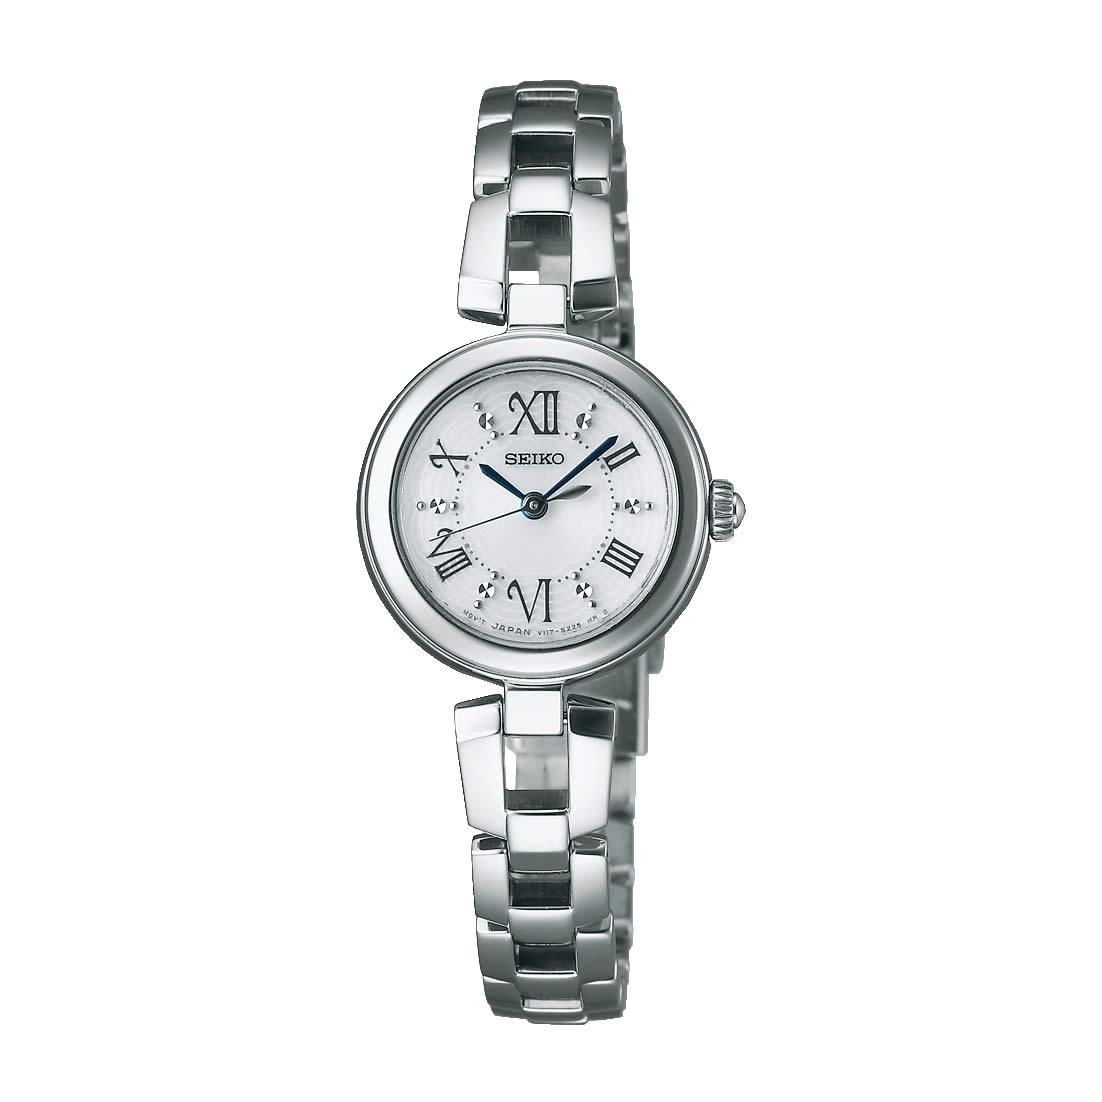 【送料無料】【国内正規品】セイコー ティセ 腕時計 ソーラー レディース SWFA151 SEIKO TISSE ブレス ソーラー腕時計 オフィス 細身 華奢 シンプル 人気 うでどけい とけい WATCH 時計【取り寄せ】